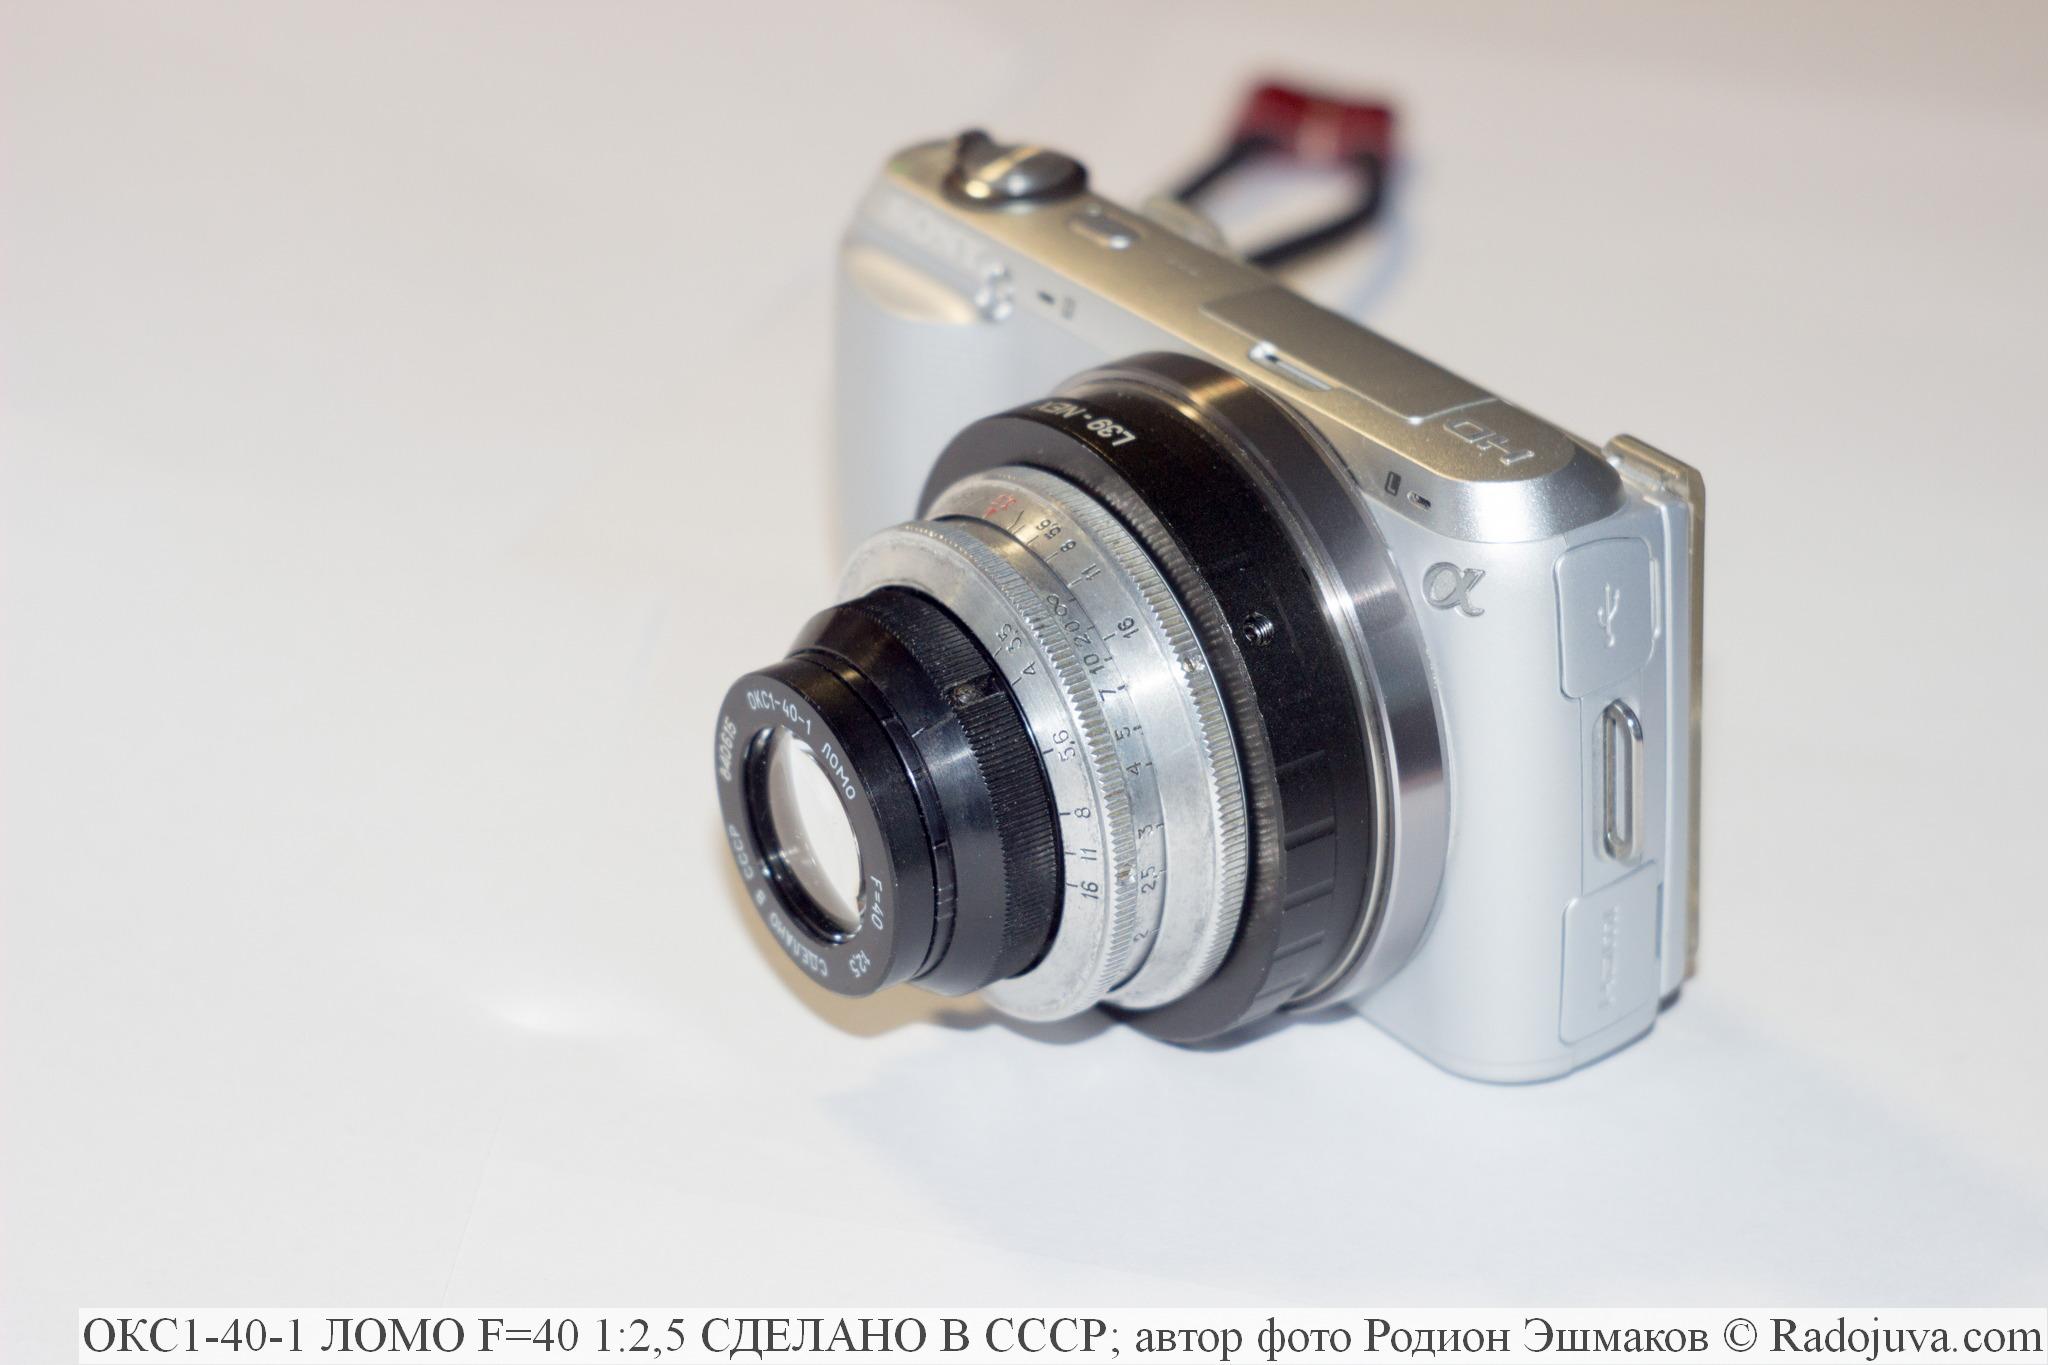 Вид объектива на Sony NEX-3C